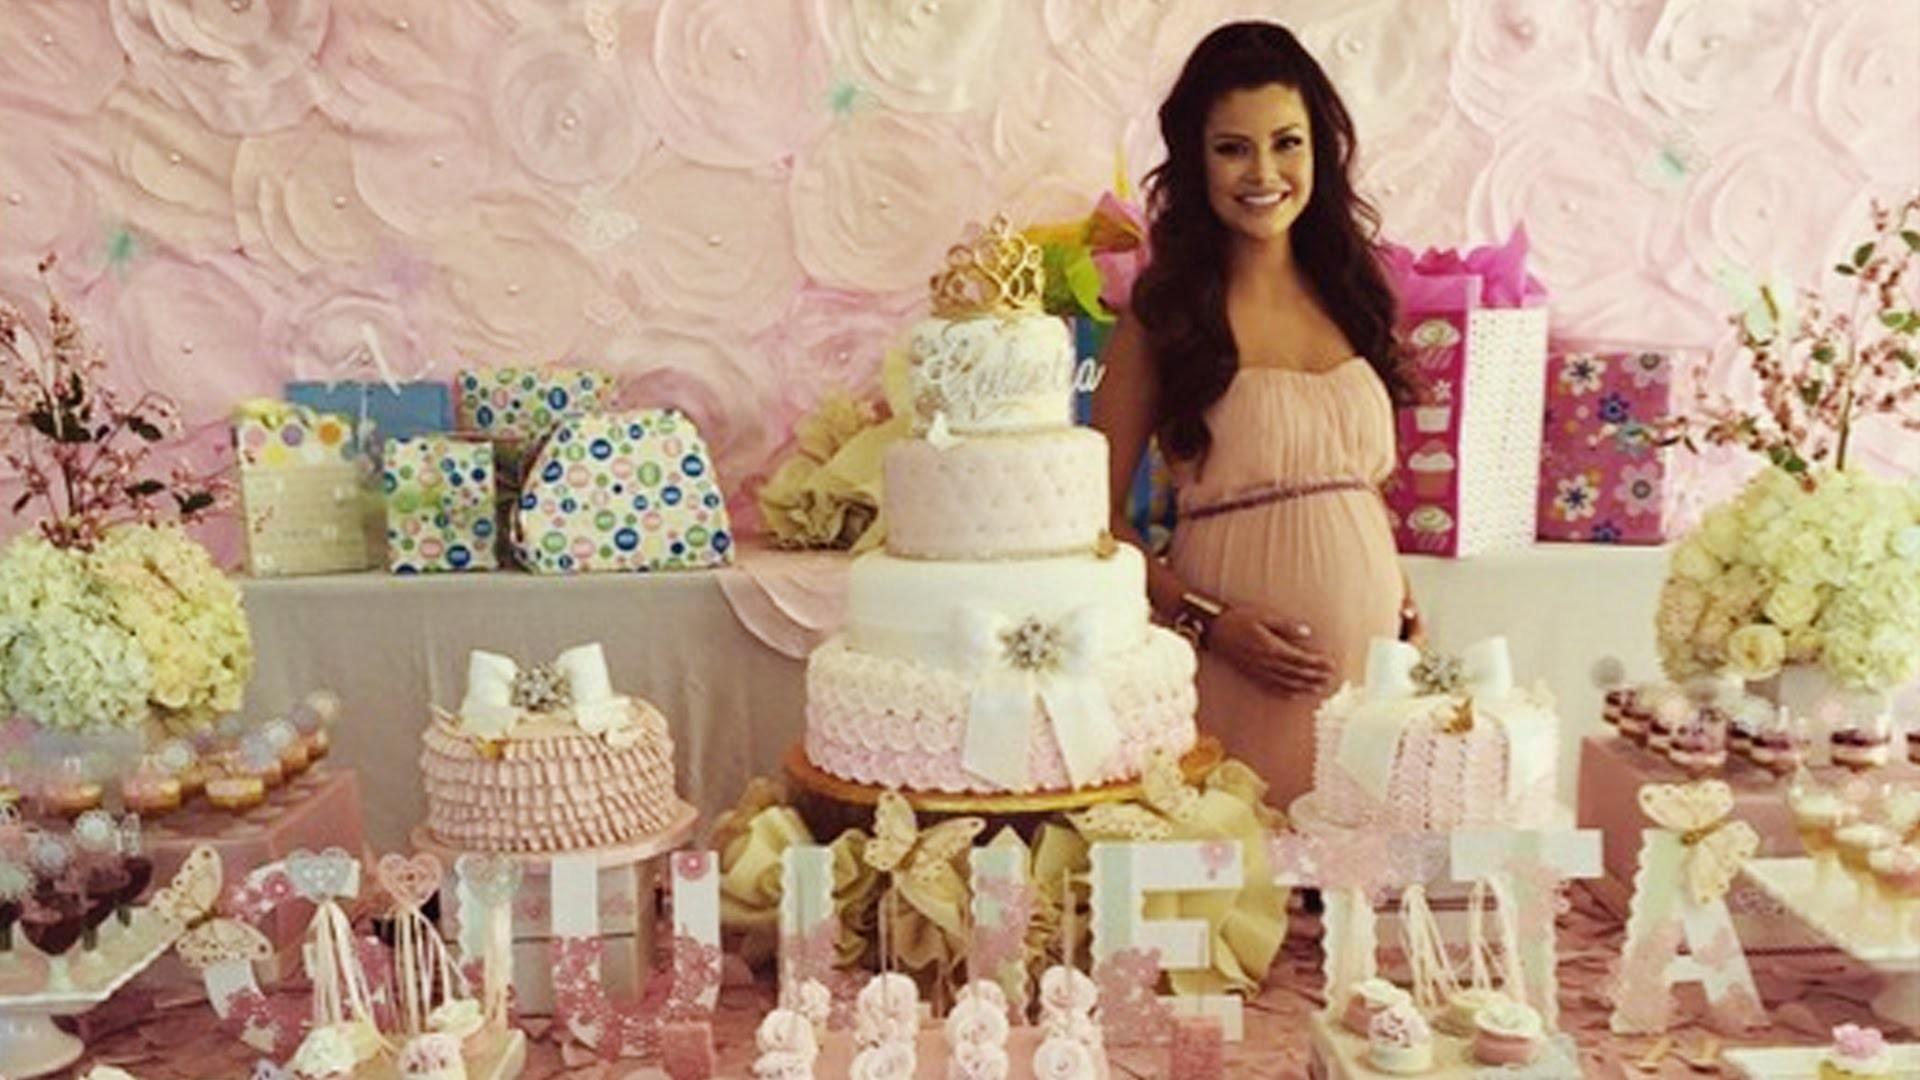 ¡Qué ternura! Mira todo lo que pasó en el Baby Shower de Ana Patricia